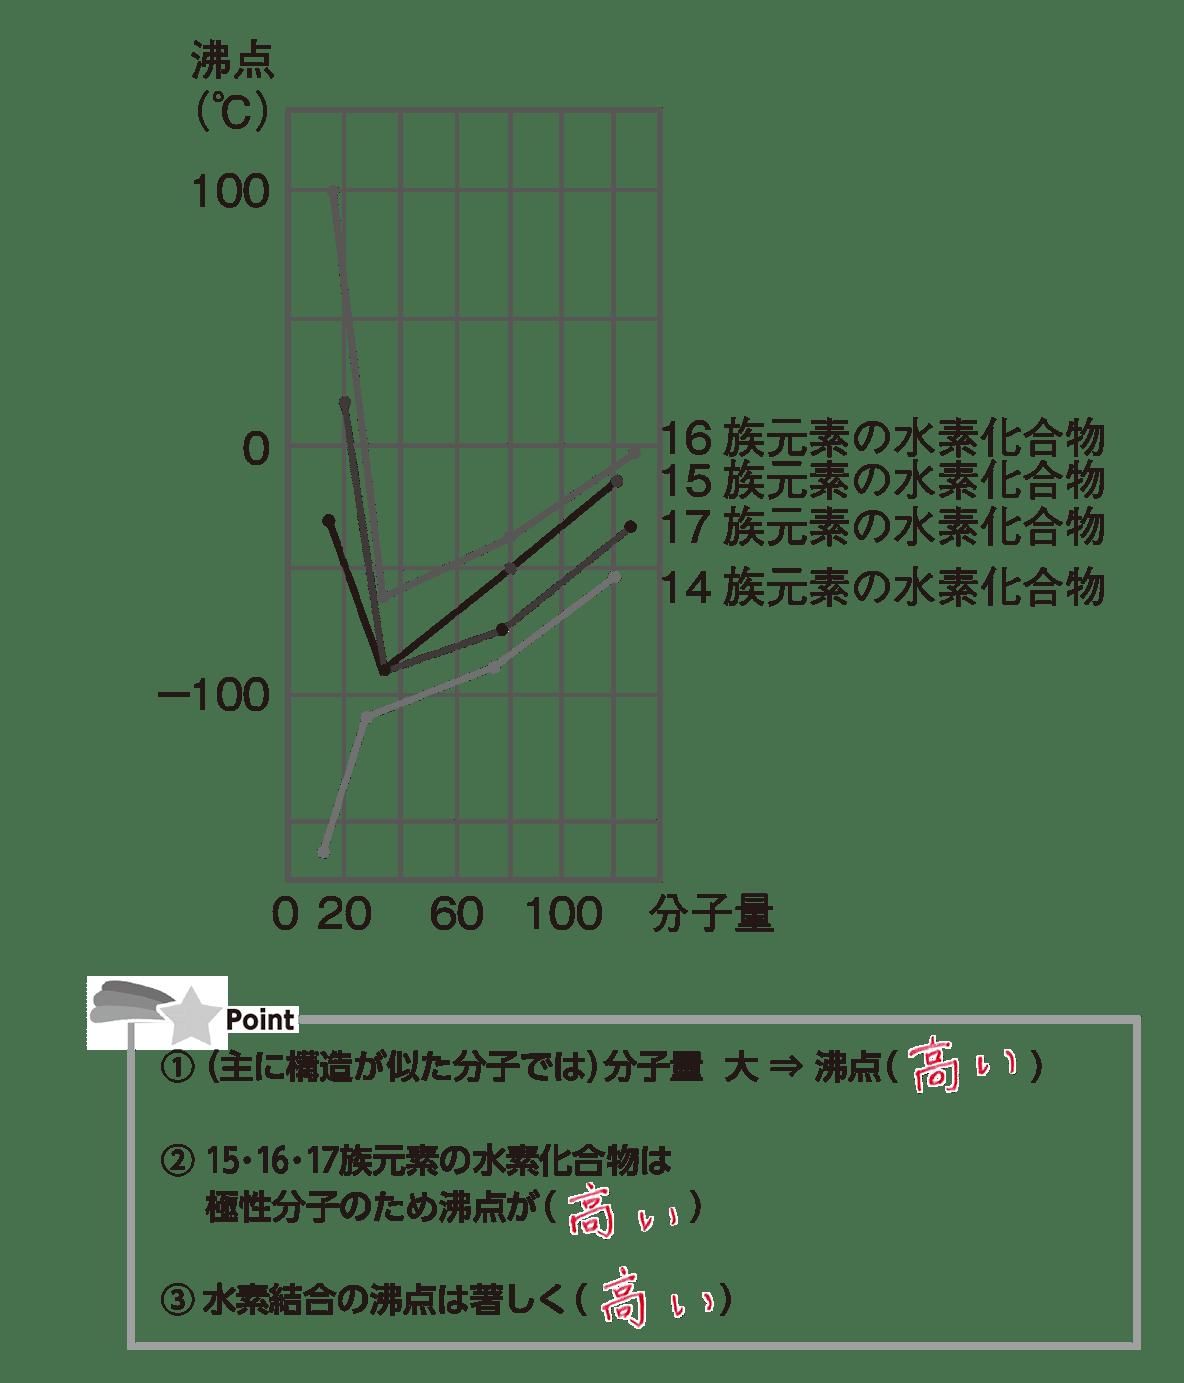 高校化学 物質の状態と平衡3 ポイント1 グラフと表答え全部